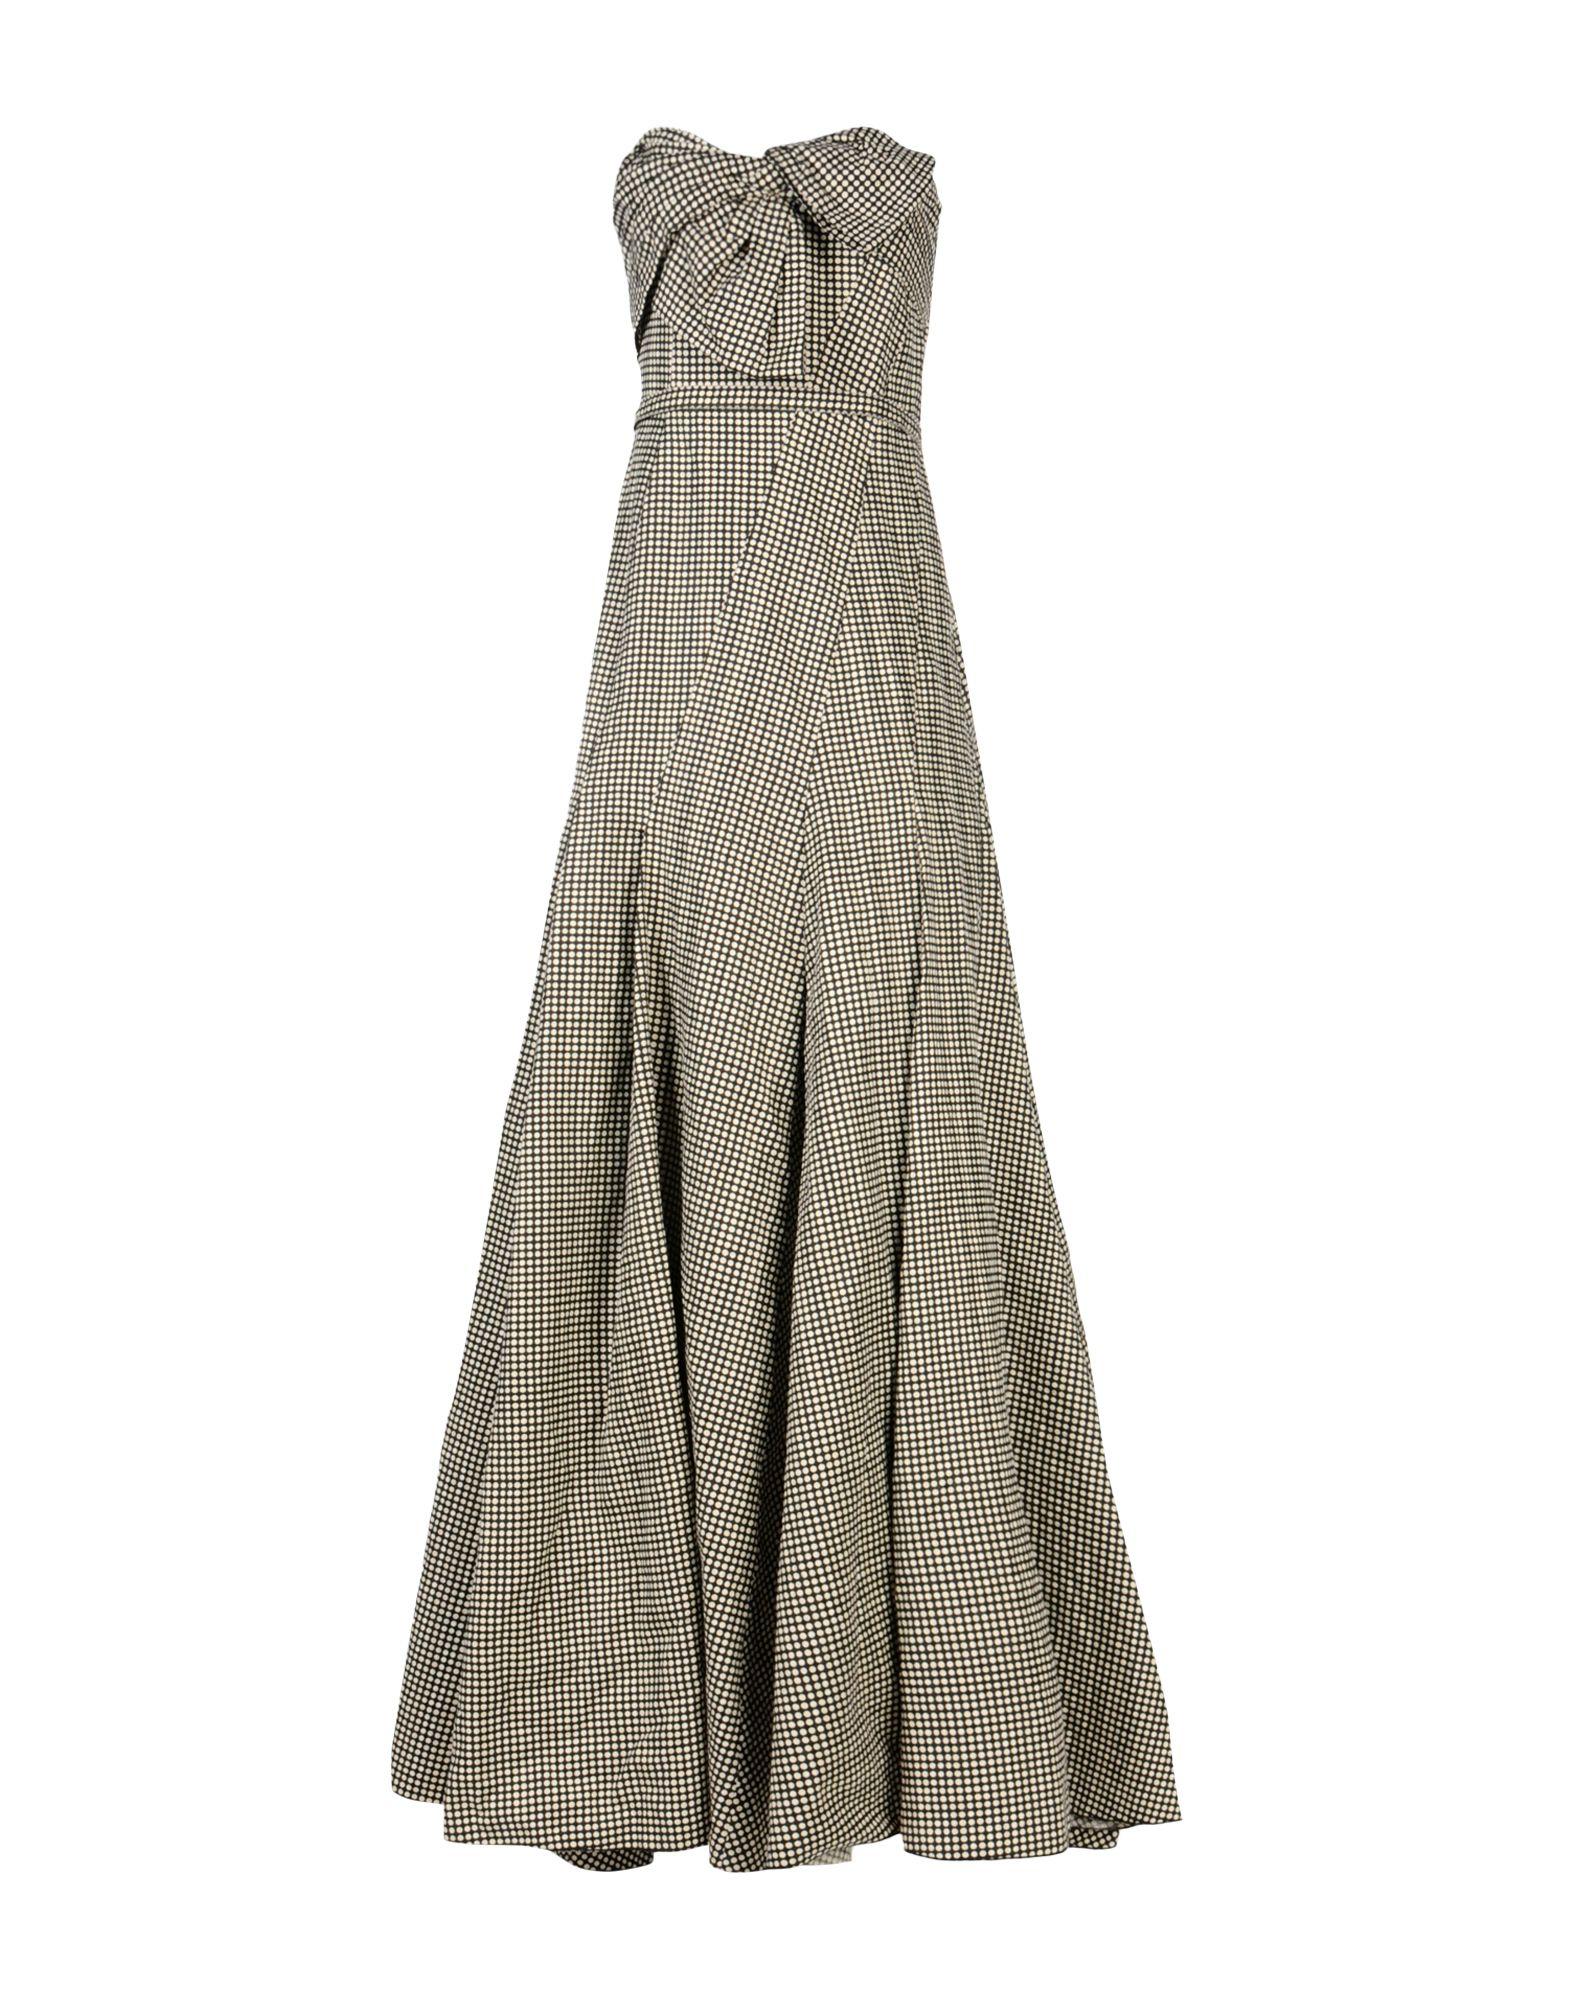 LANVIN Damen Langes Kleid Farbe Granitgrau Größe 5 jetztbilligerkaufen